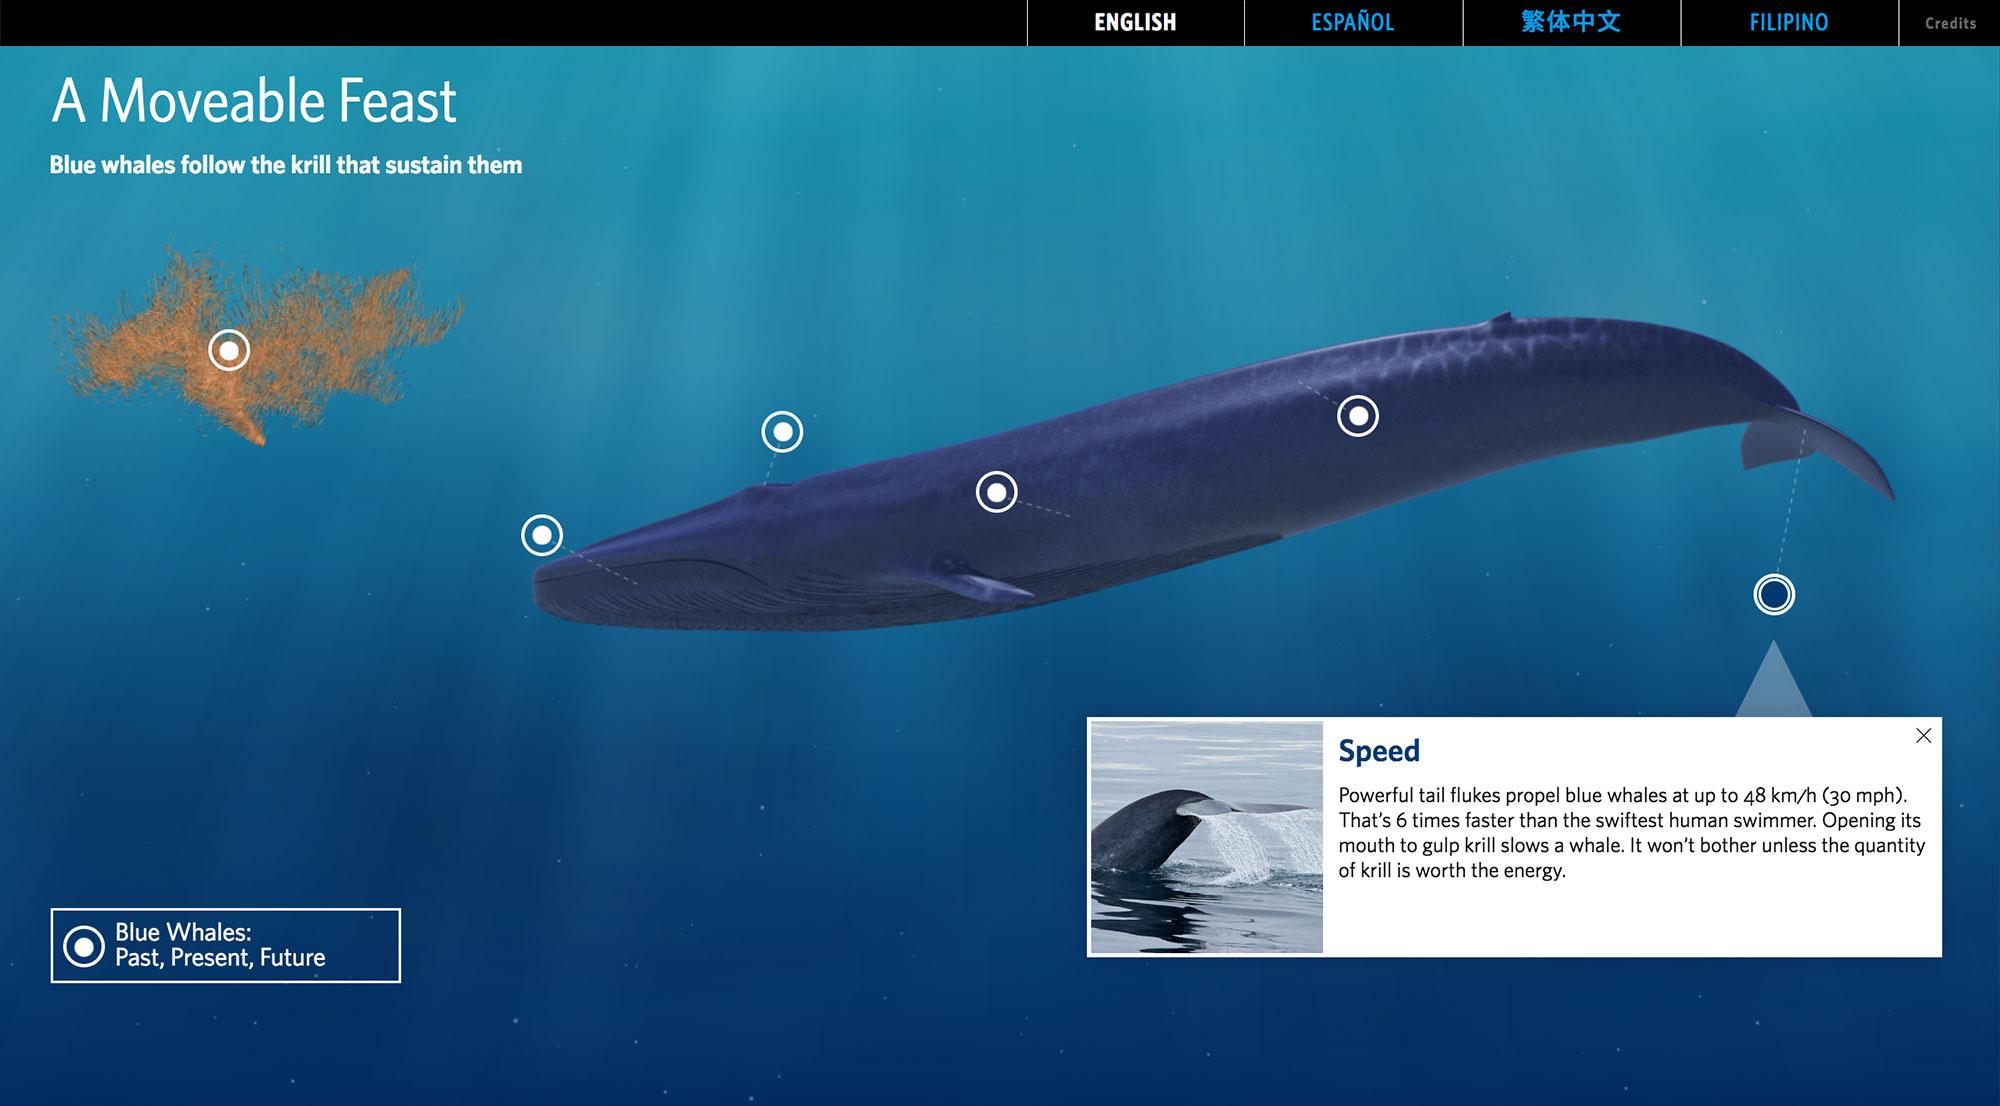 GOLAS-blue-whale-2.jpg